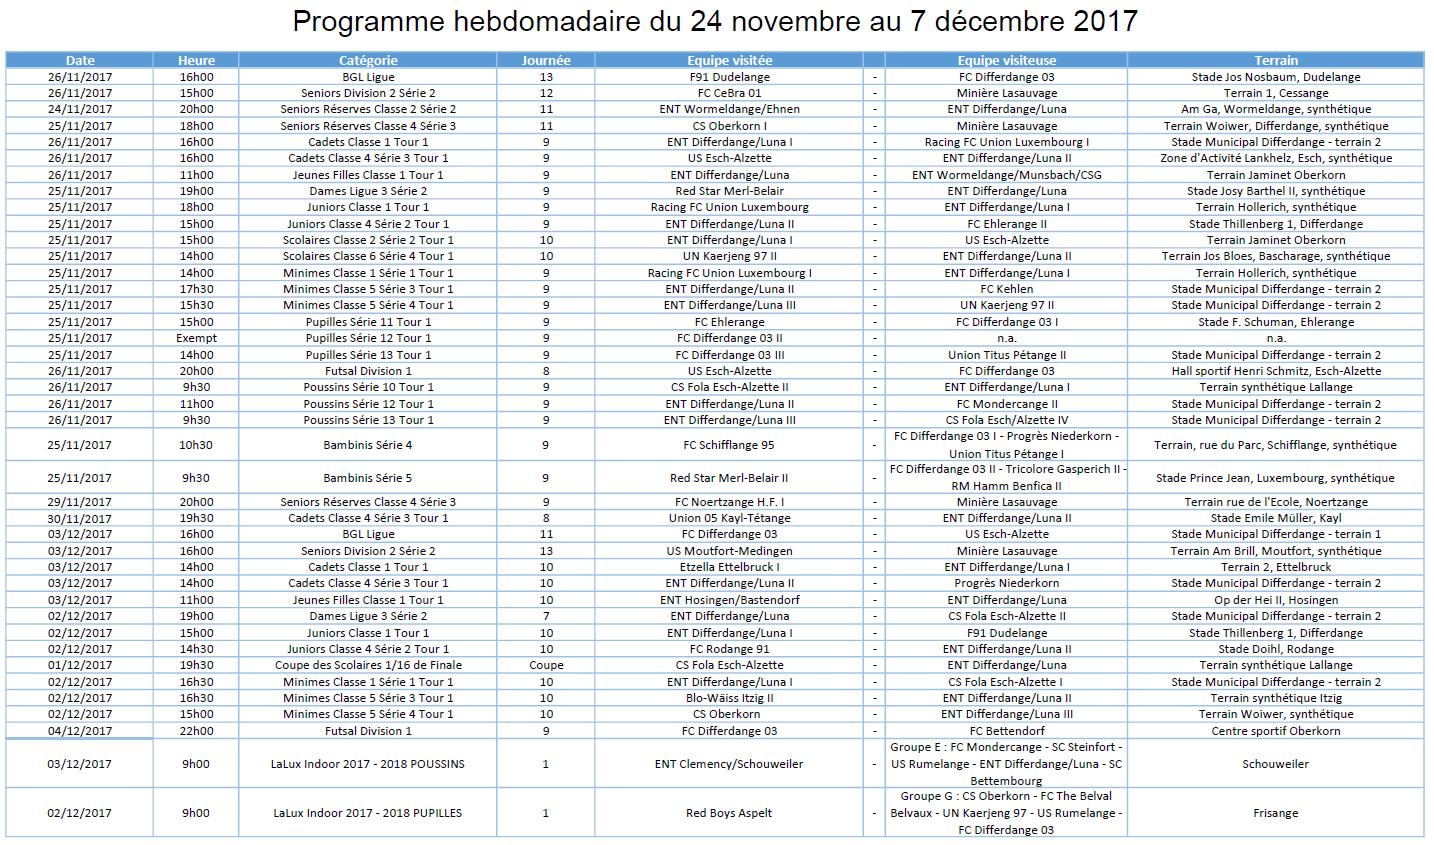 Programme 24.11 - 07.12